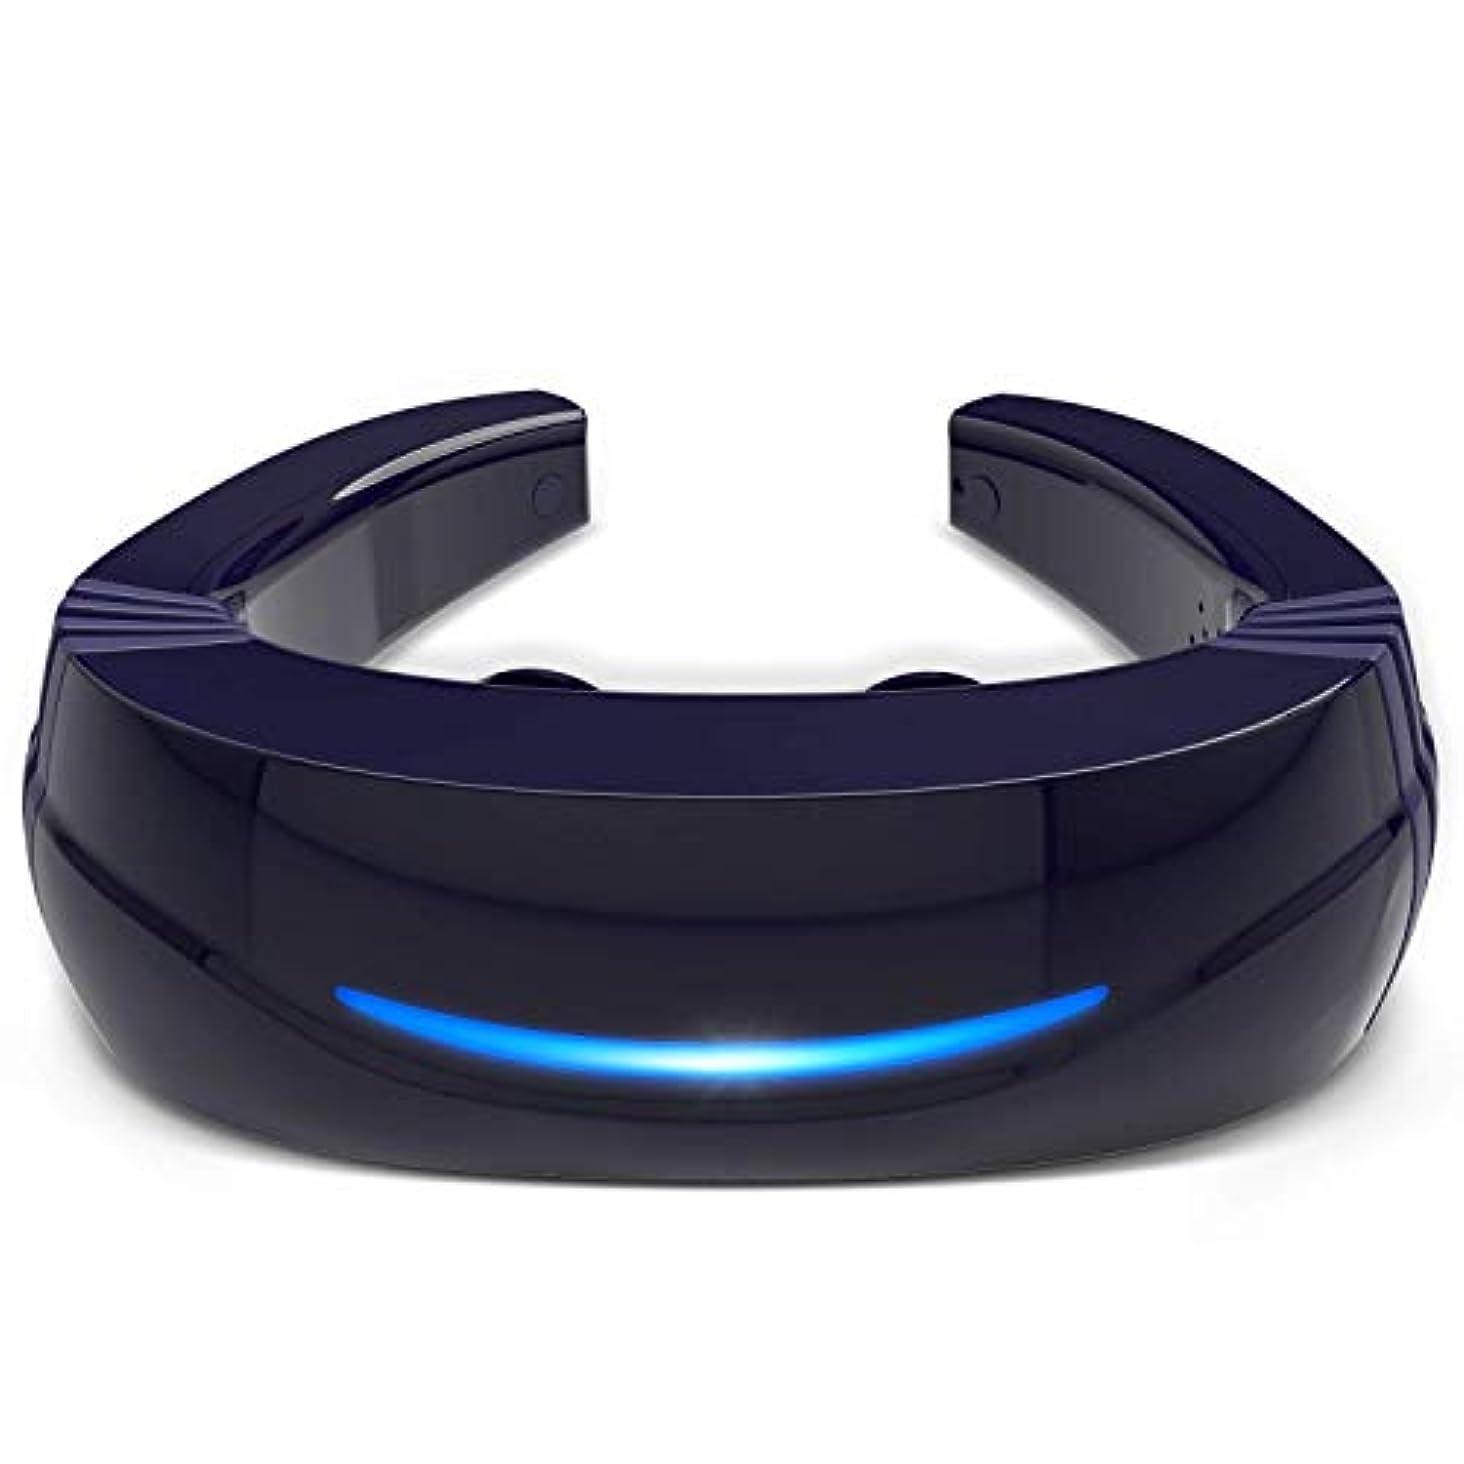 快適メトロポリタン挽くHipoo ネックマッサージャー 首マッサージ 低周波 マッサージ器 ストレス解消 USB充電式 日本語説明書 電極パッド2つ付き 音声式